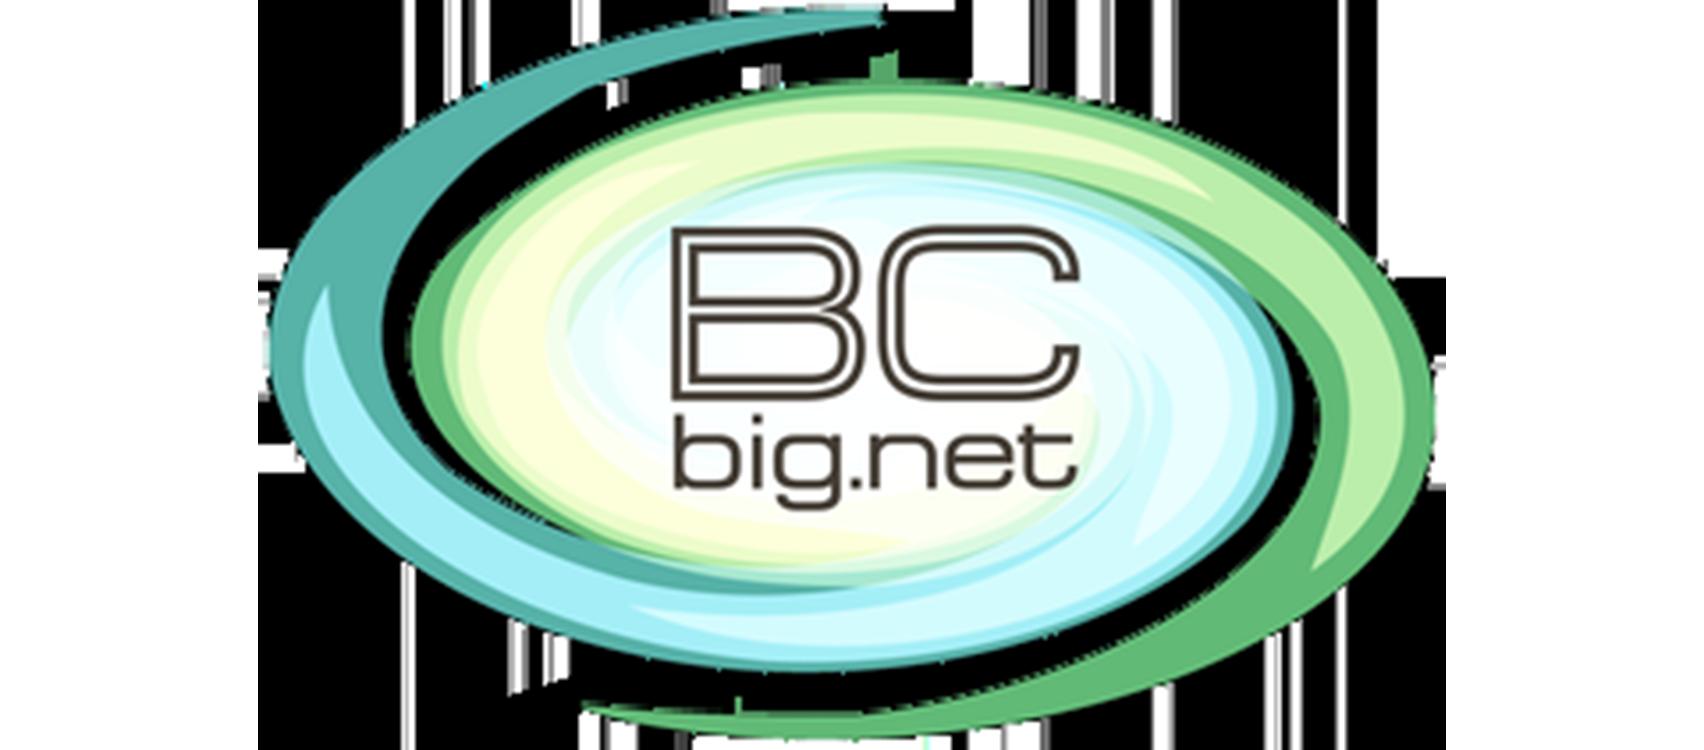 BC Big.Net (Київська, Вінницька)